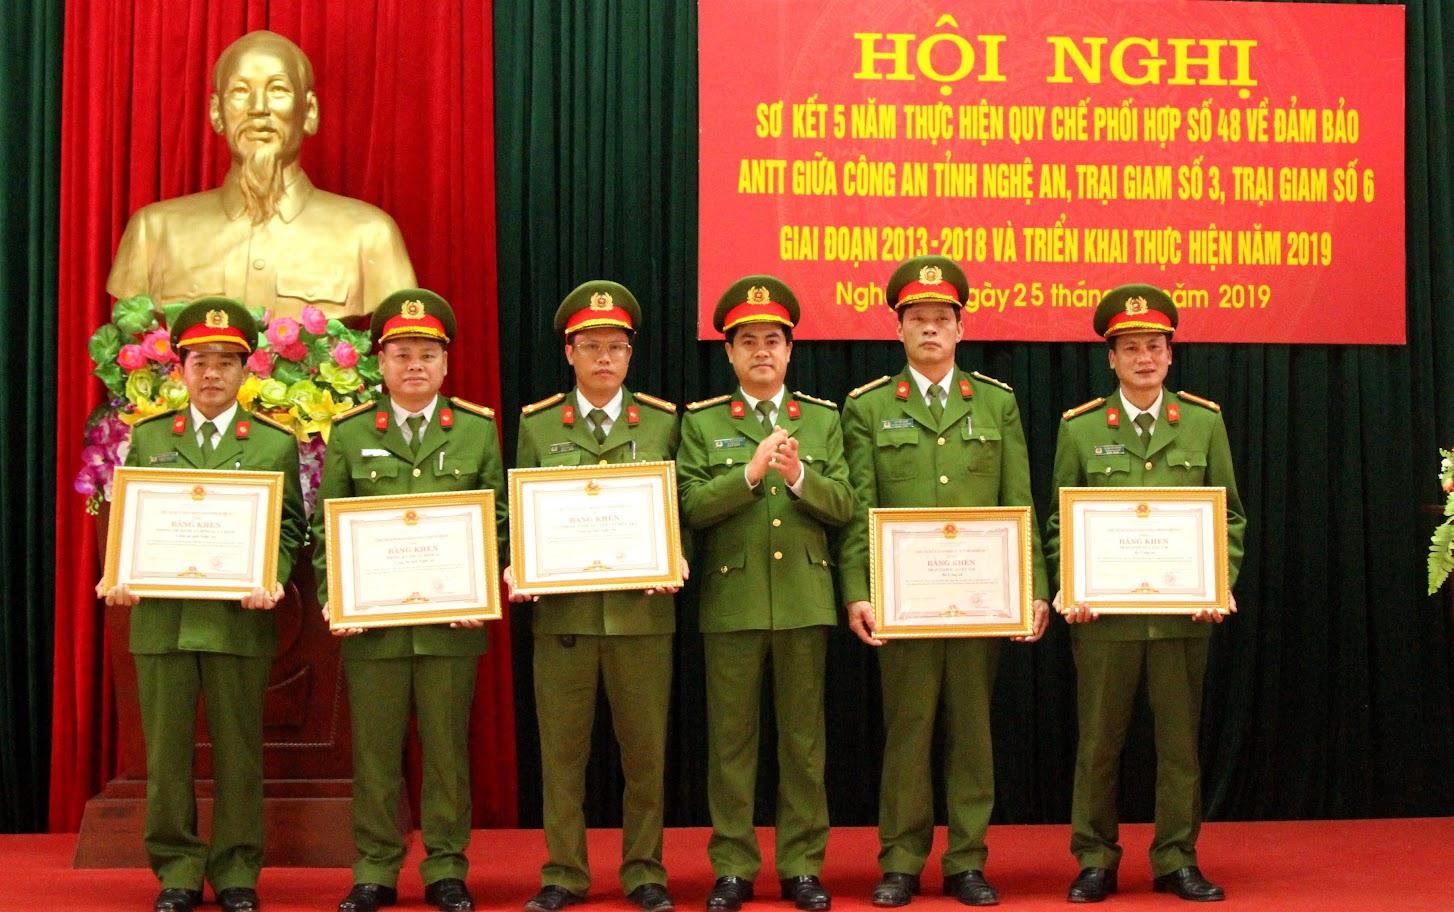 Tặng Bằng khen của UBND tỉnh Nghệ An cho các cá nhân, đơn vị  thực hiện tốt quy chế phối hợp giai đoạn 2013 - 2018